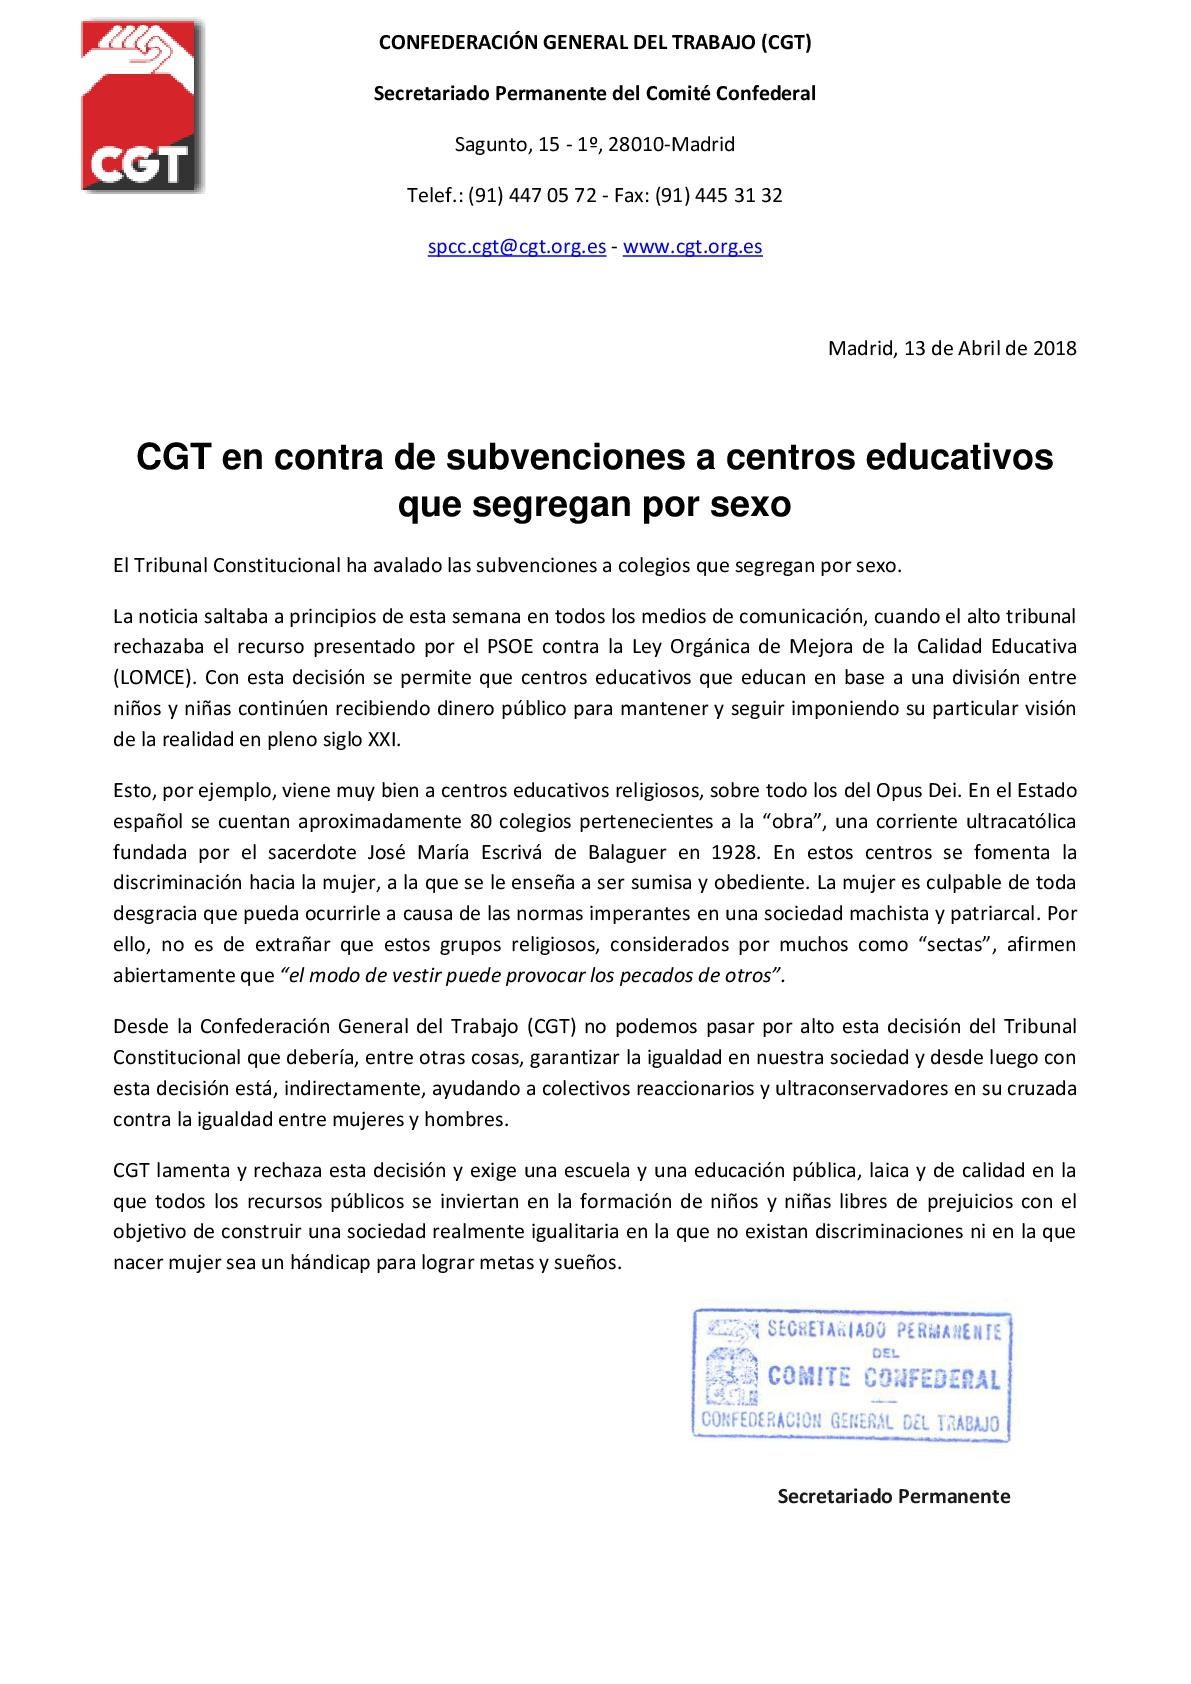 CGT en contra de subvenciones a centros educativos que segregan por sexo-001